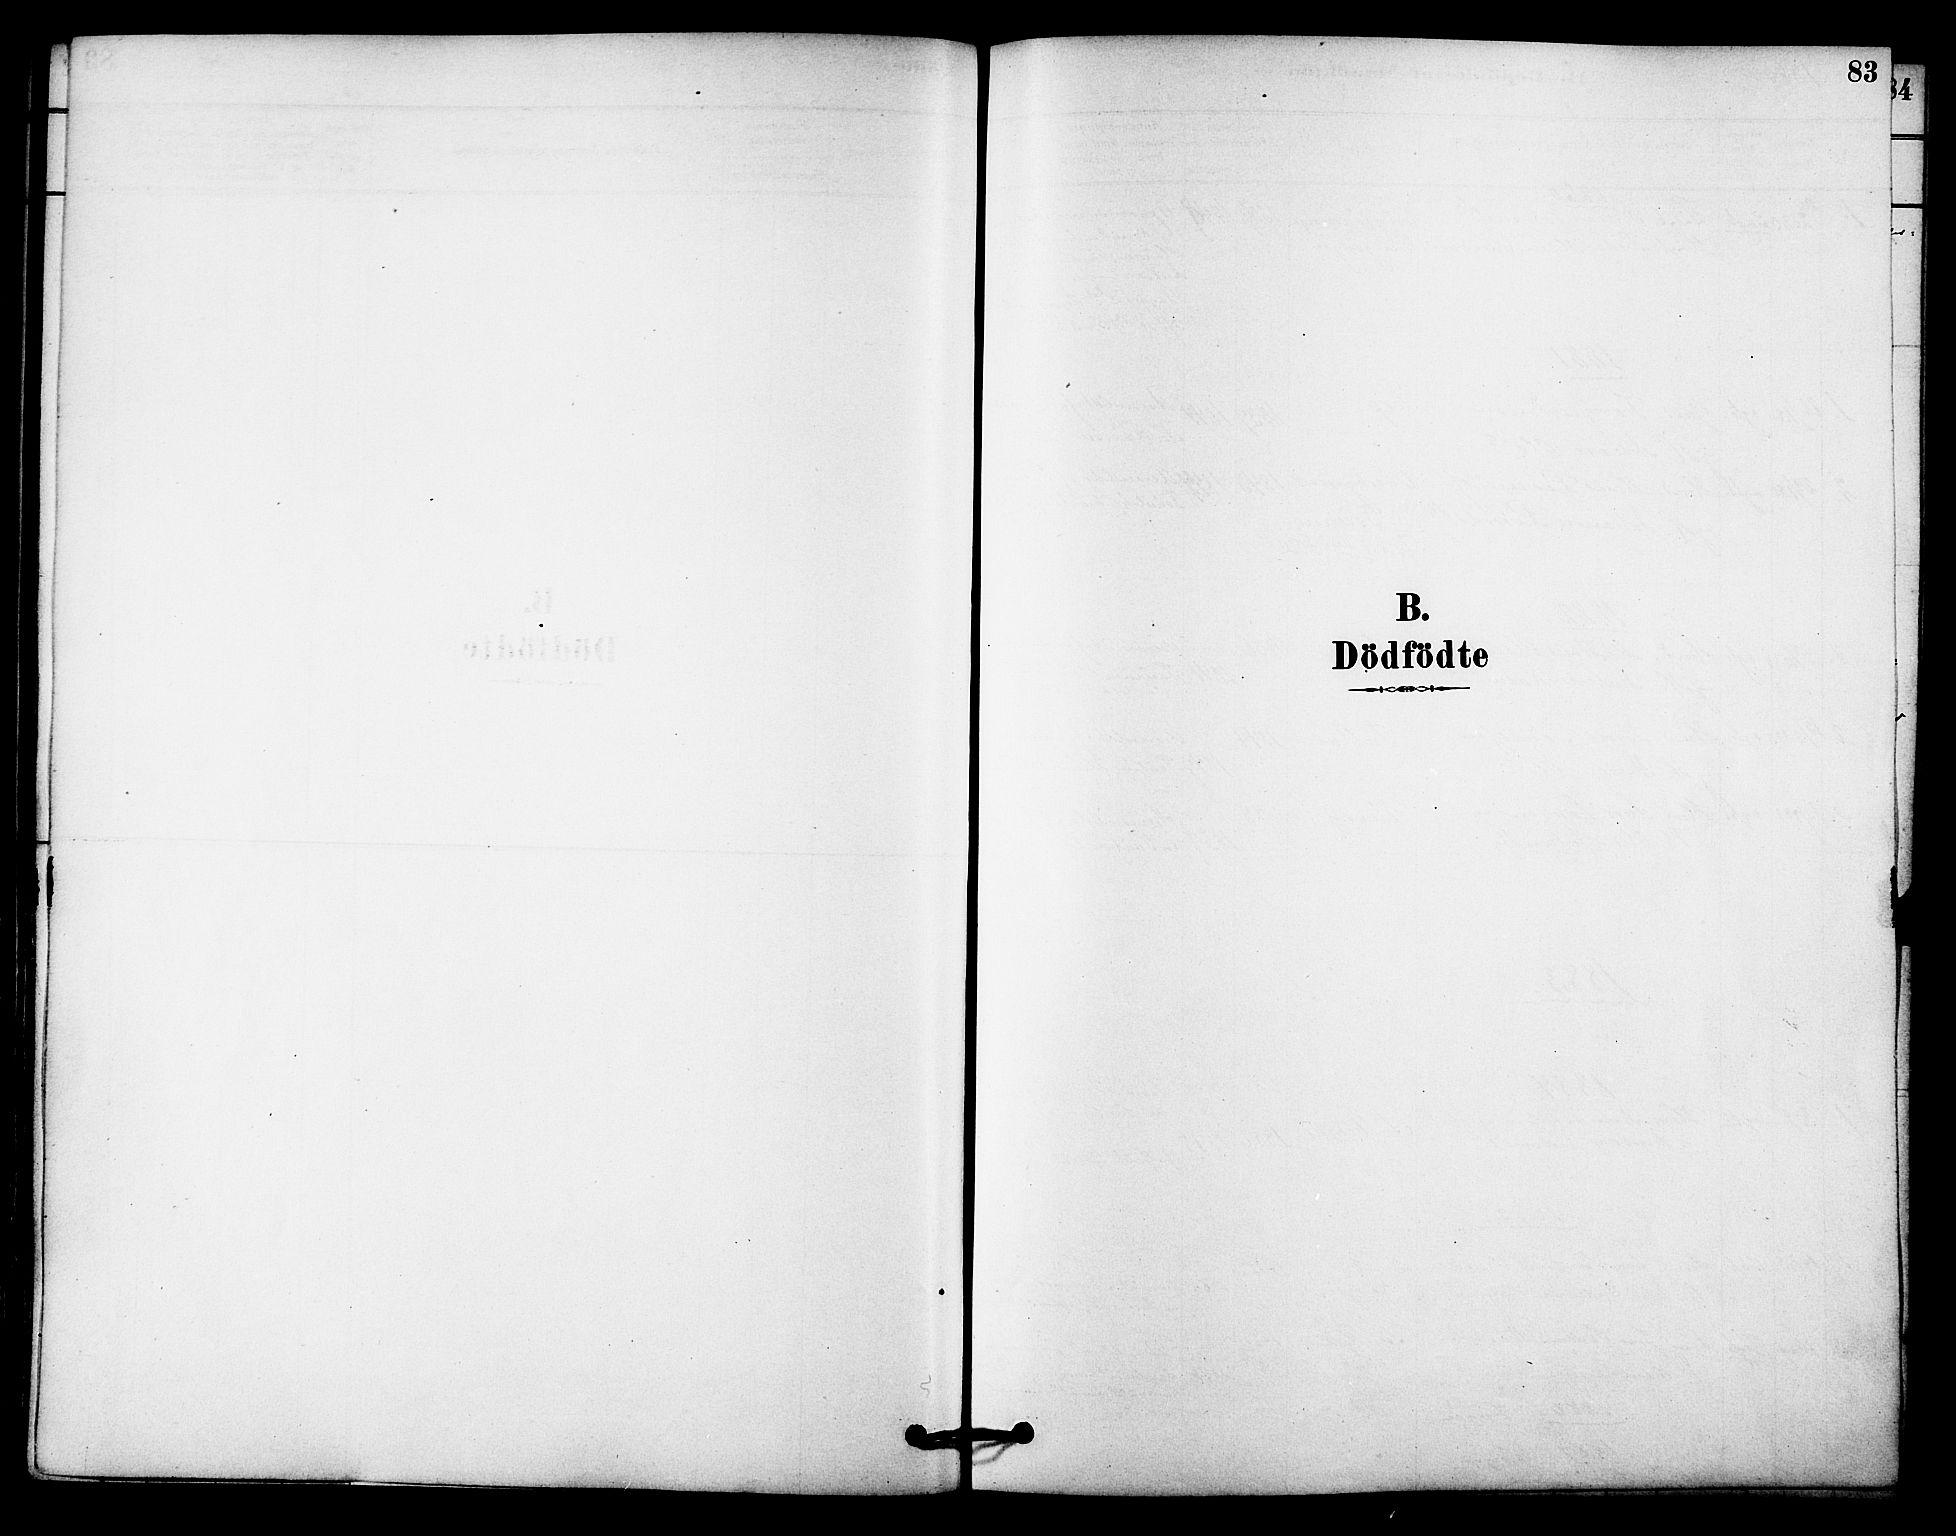 SAT, Ministerialprotokoller, klokkerbøker og fødselsregistre - Sør-Trøndelag, 612/L0378: Ministerialbok nr. 612A10, 1878-1897, s. 83